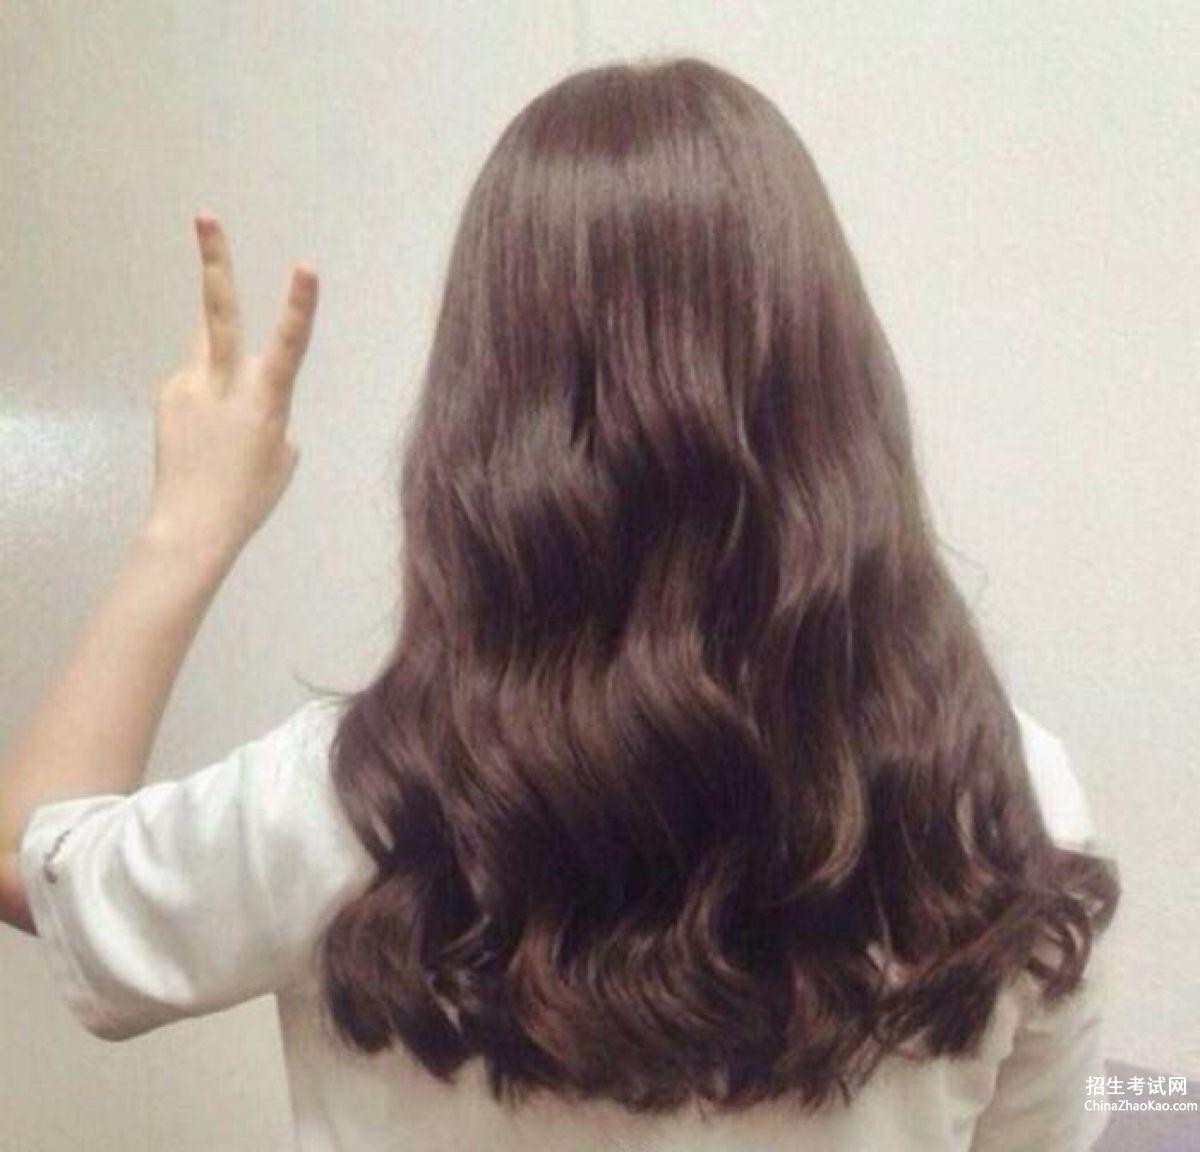 水波纹发型图片中长发2015_水波纹发型图片中长发